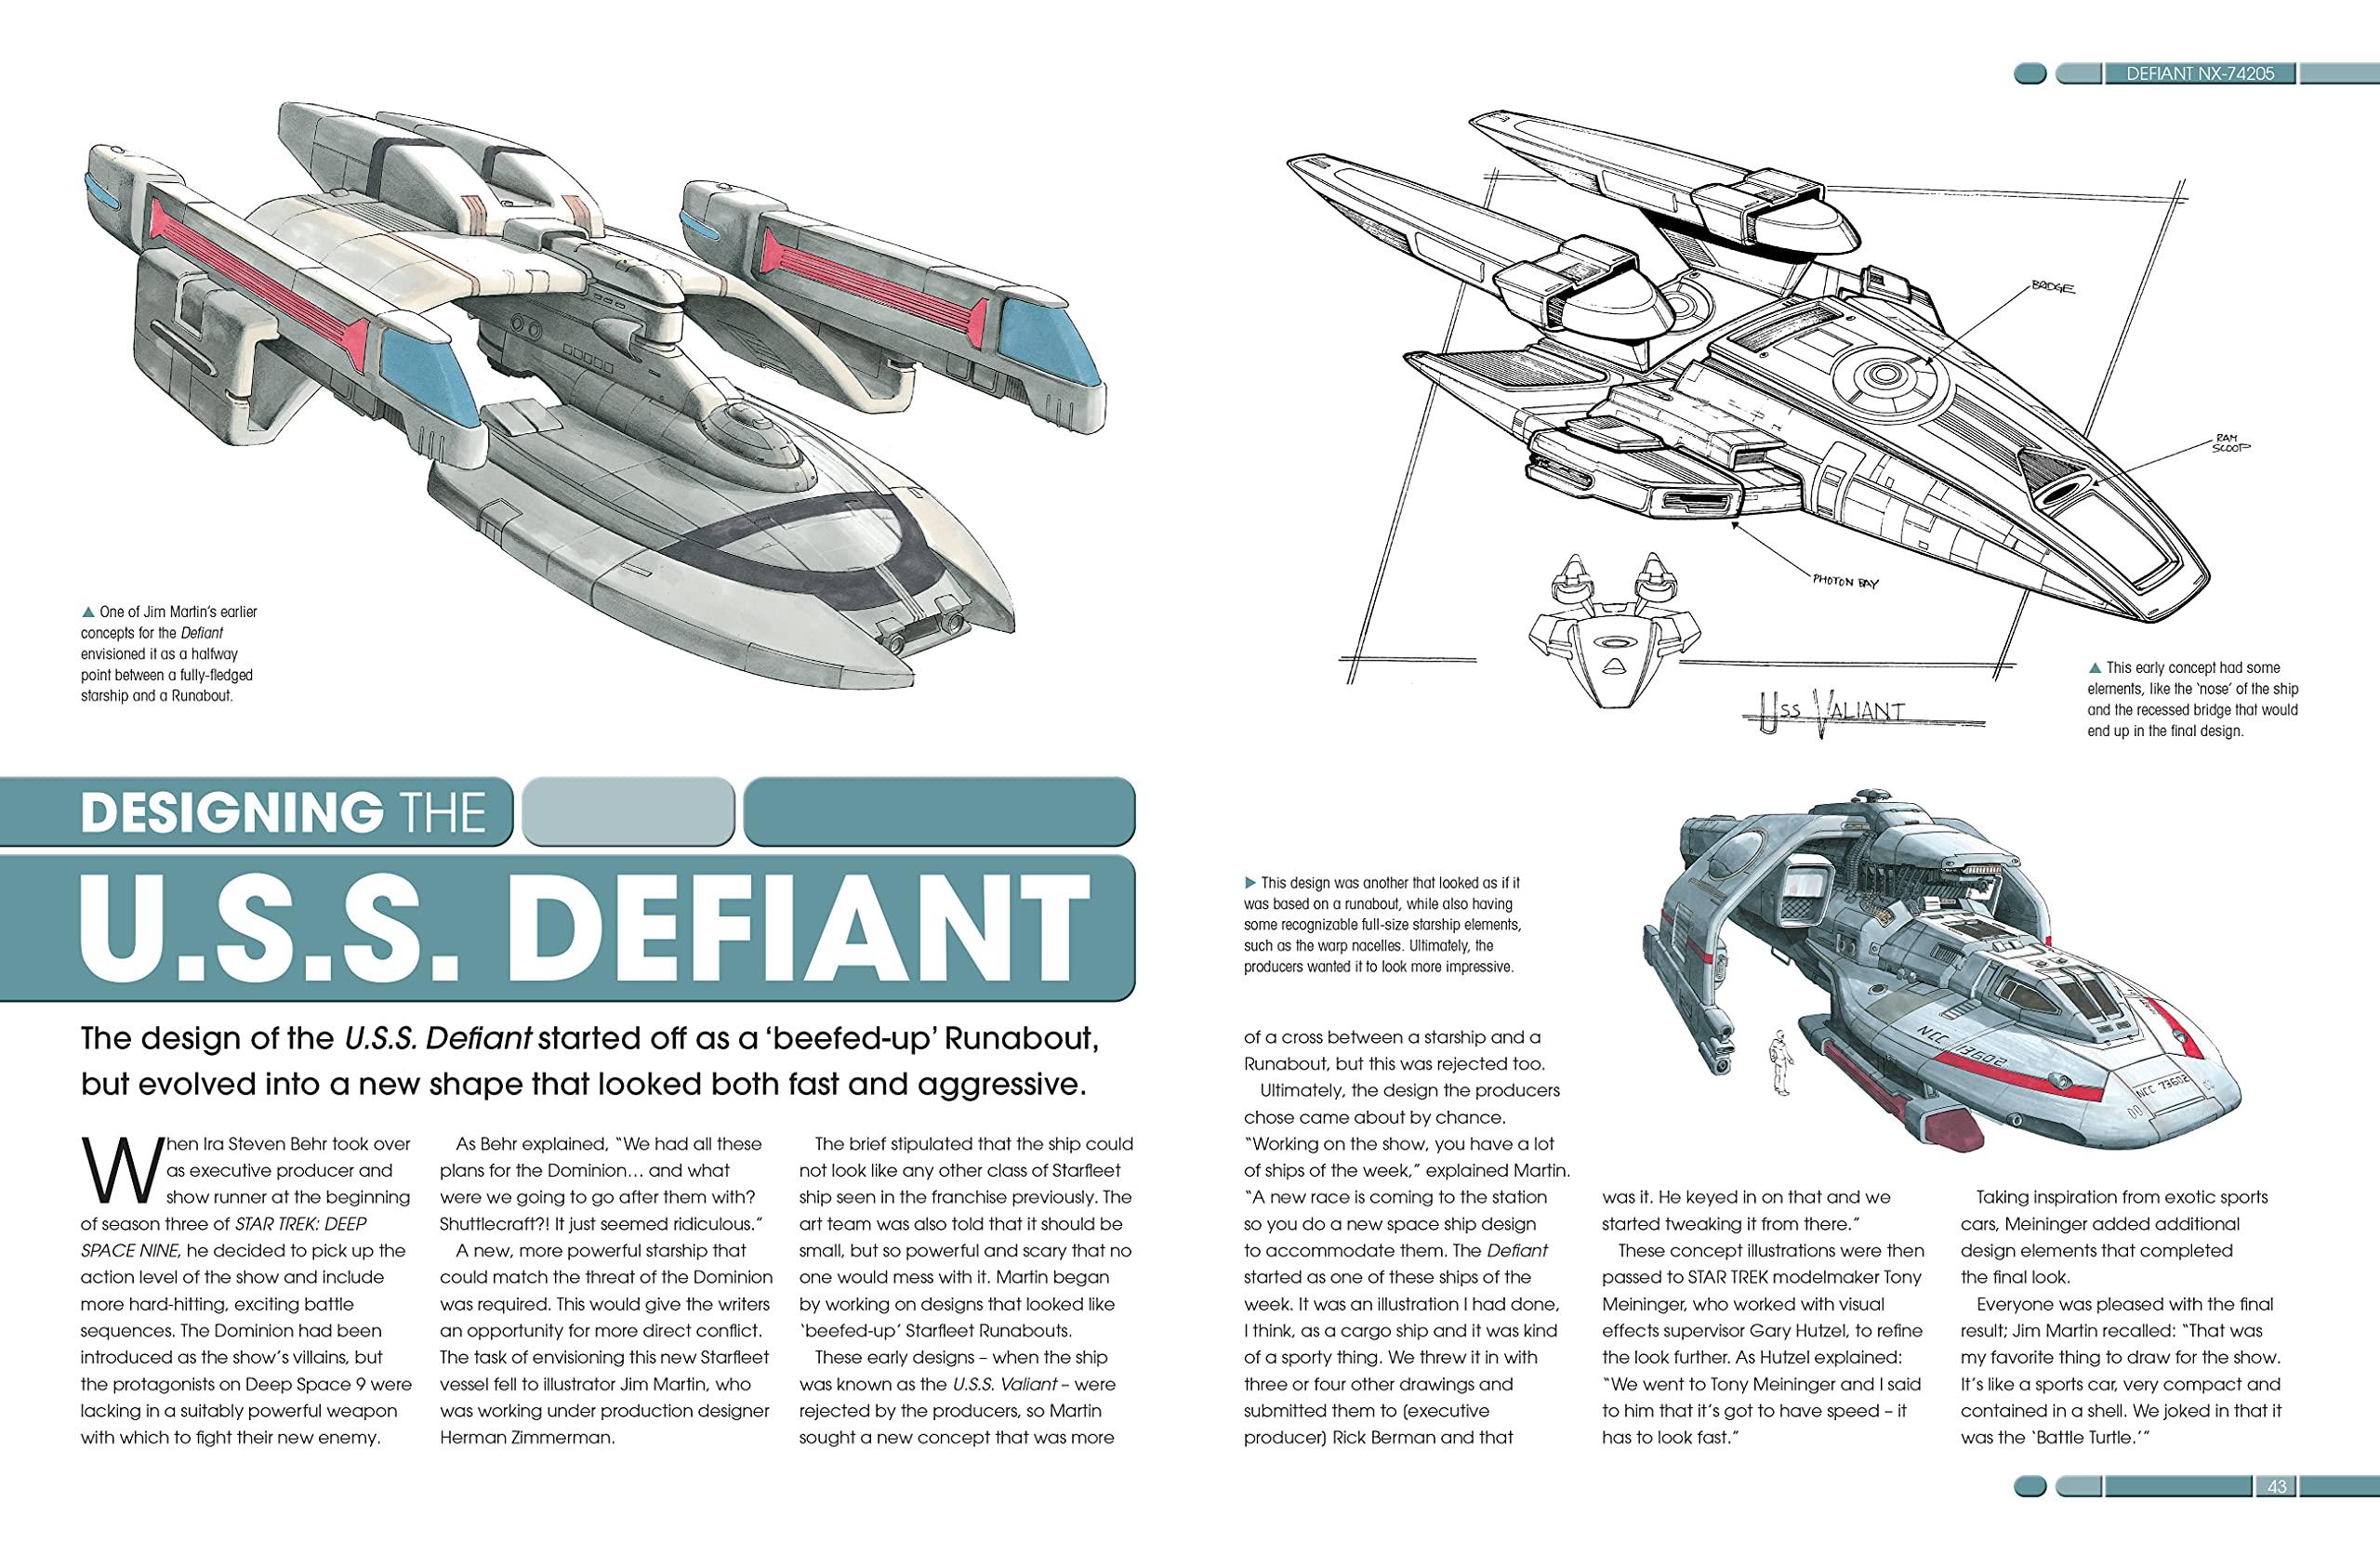 Designing Starships b